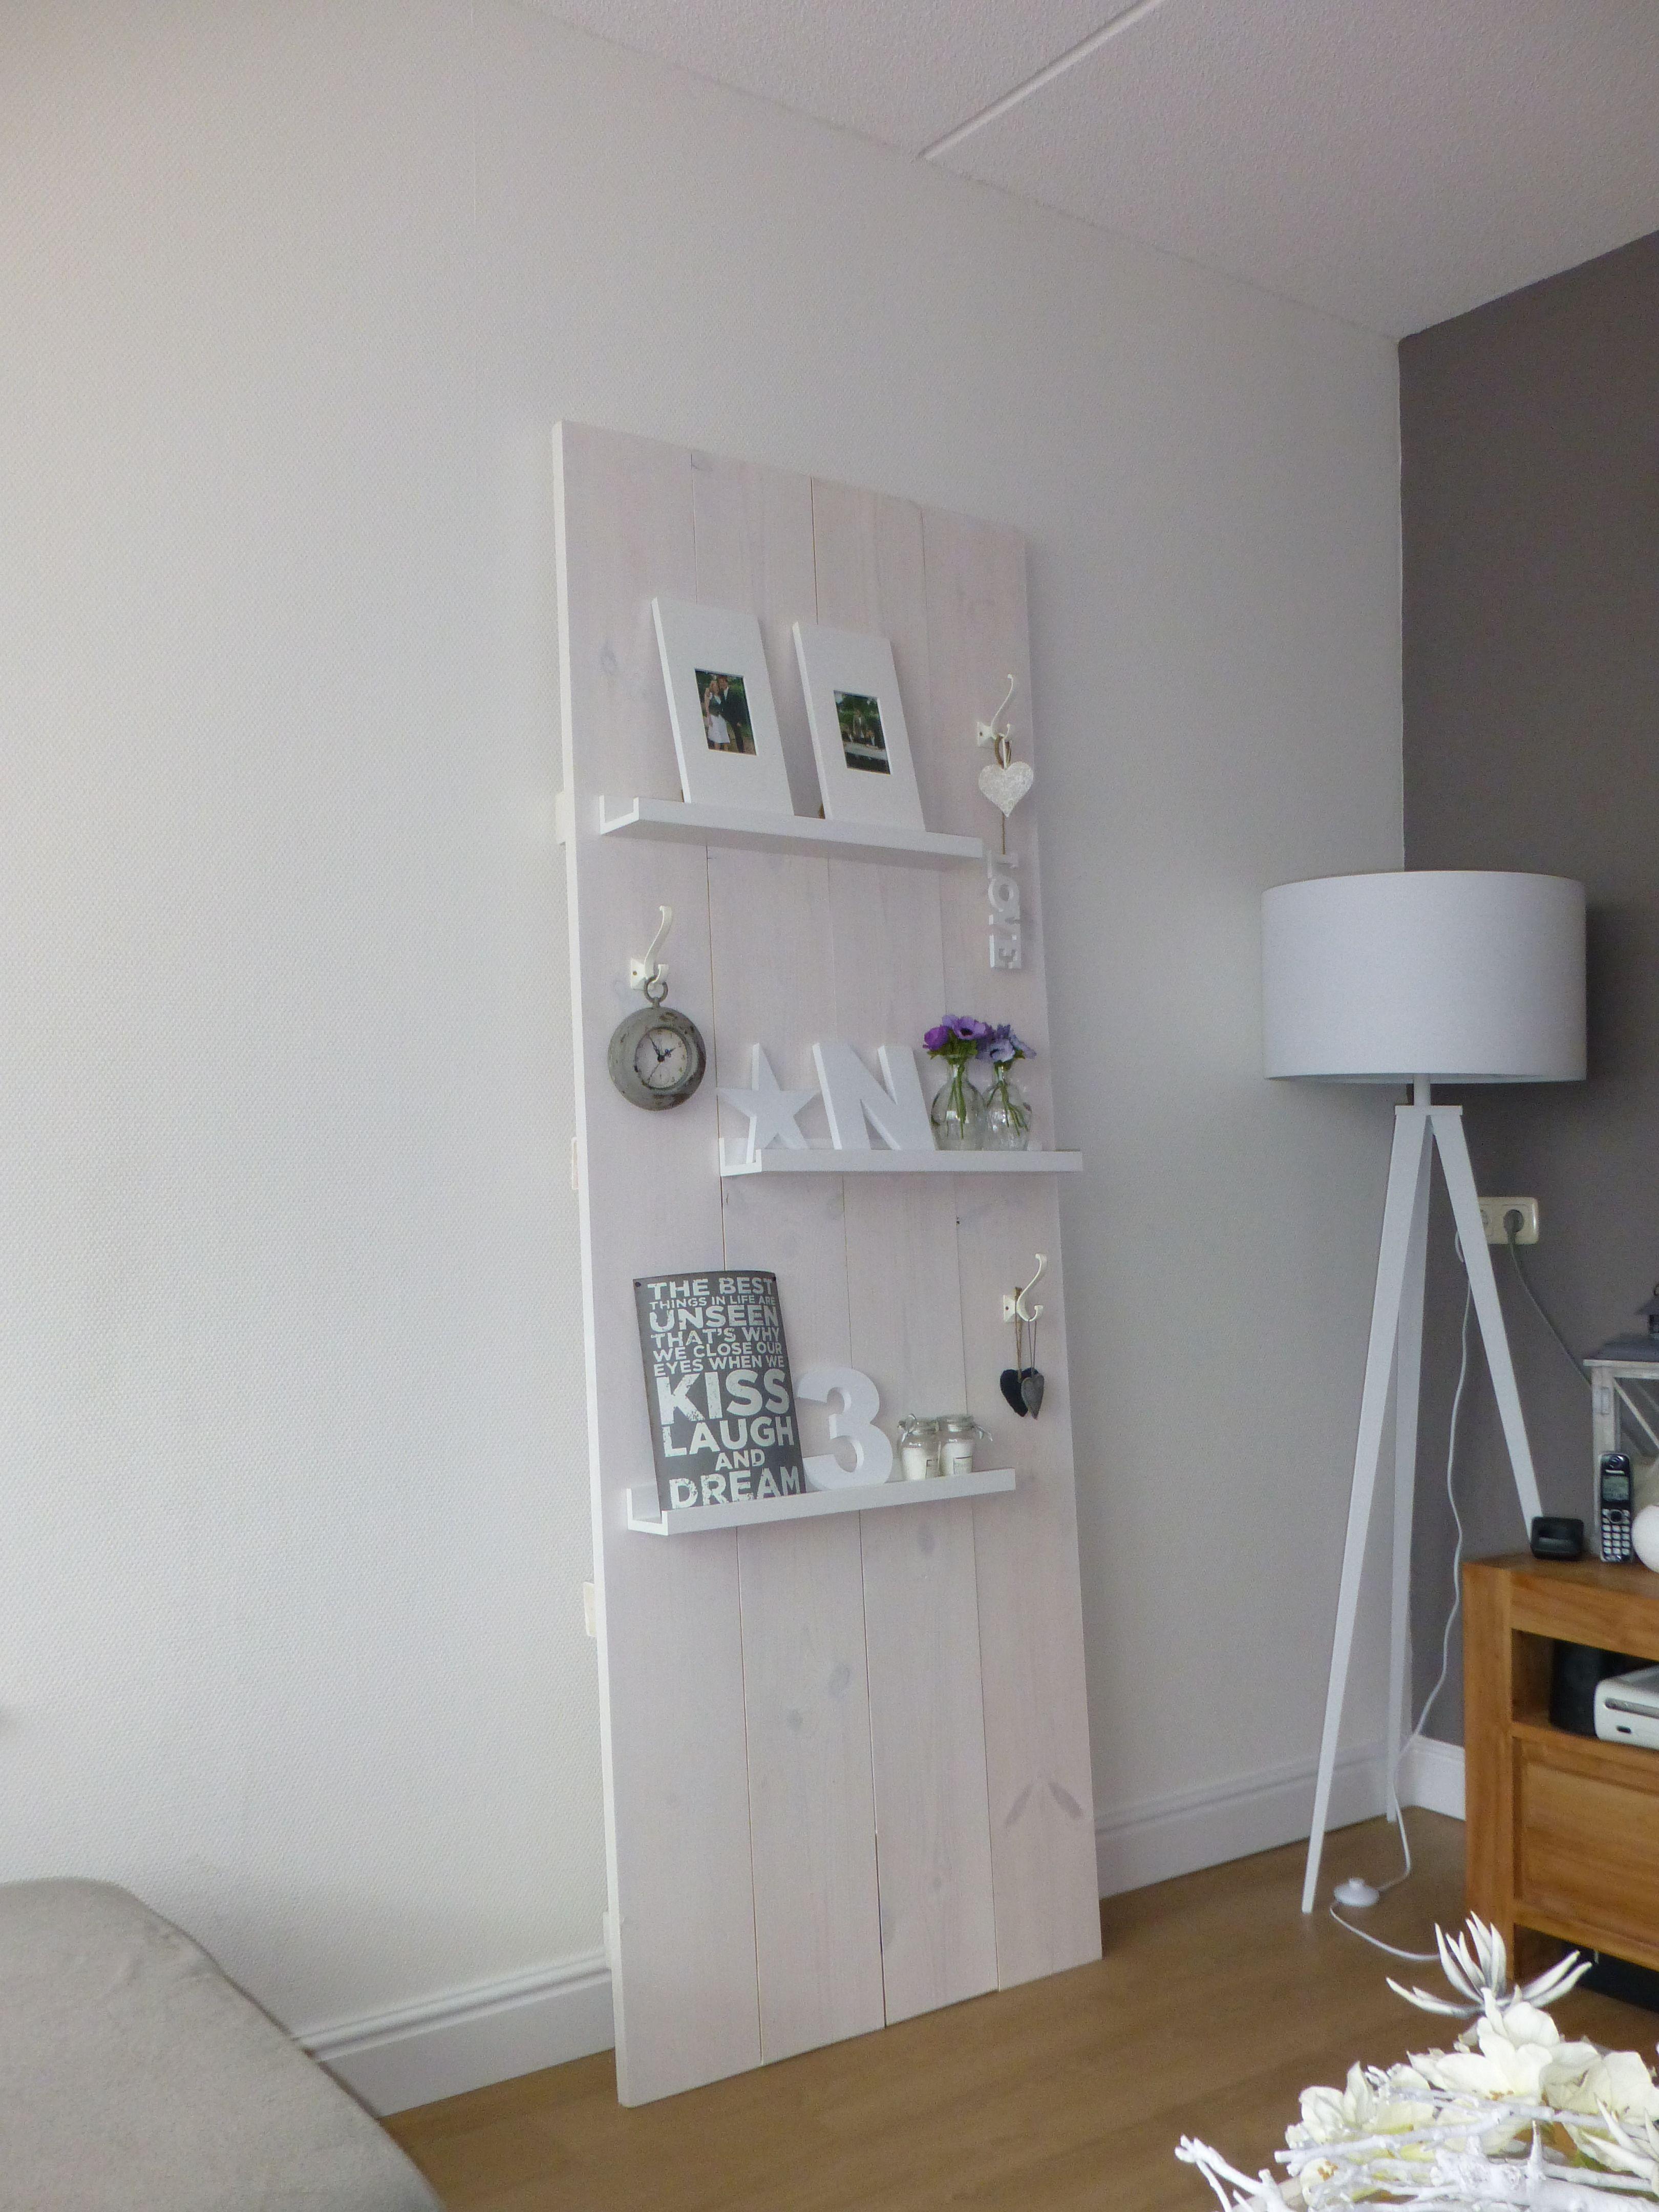 Mooie wanddecoratie voor in de woonkamer zelf maken huisjekijken wanddecoratie pinterest - Muur decoratie ontwerp voor woonkamer ...